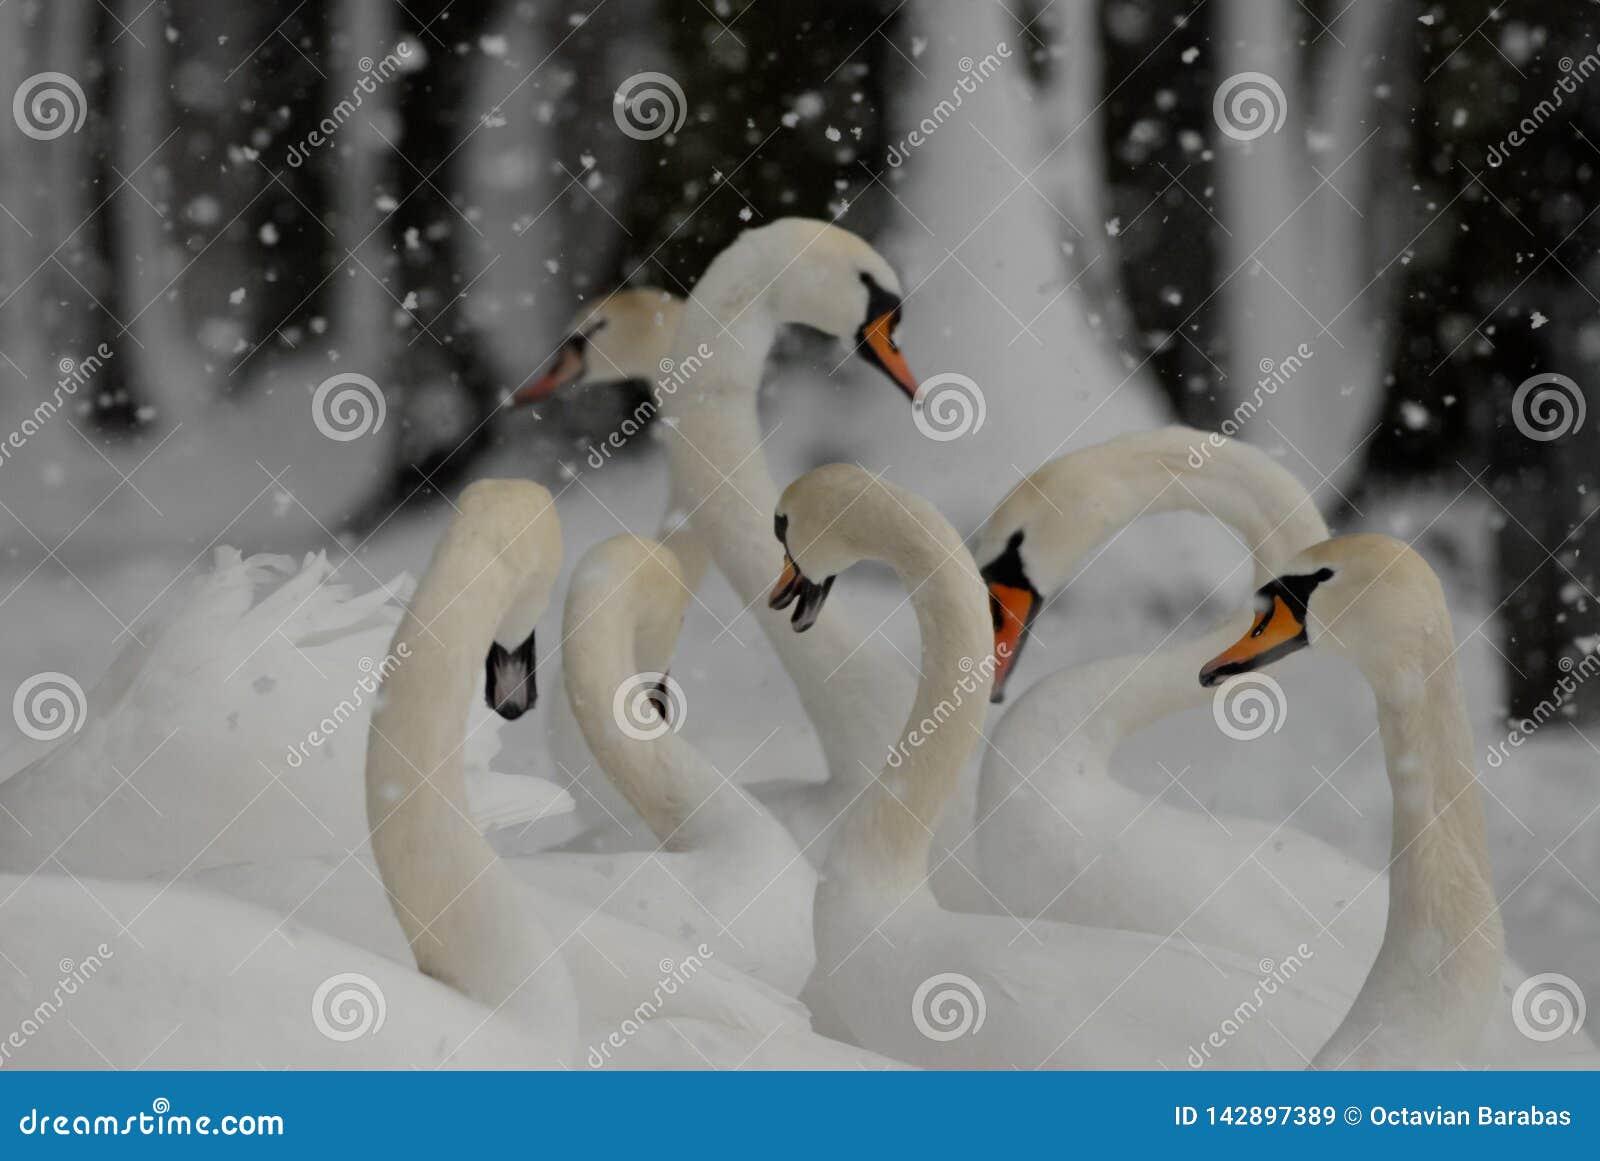 在雪的天鹅在冬天,当下雪时